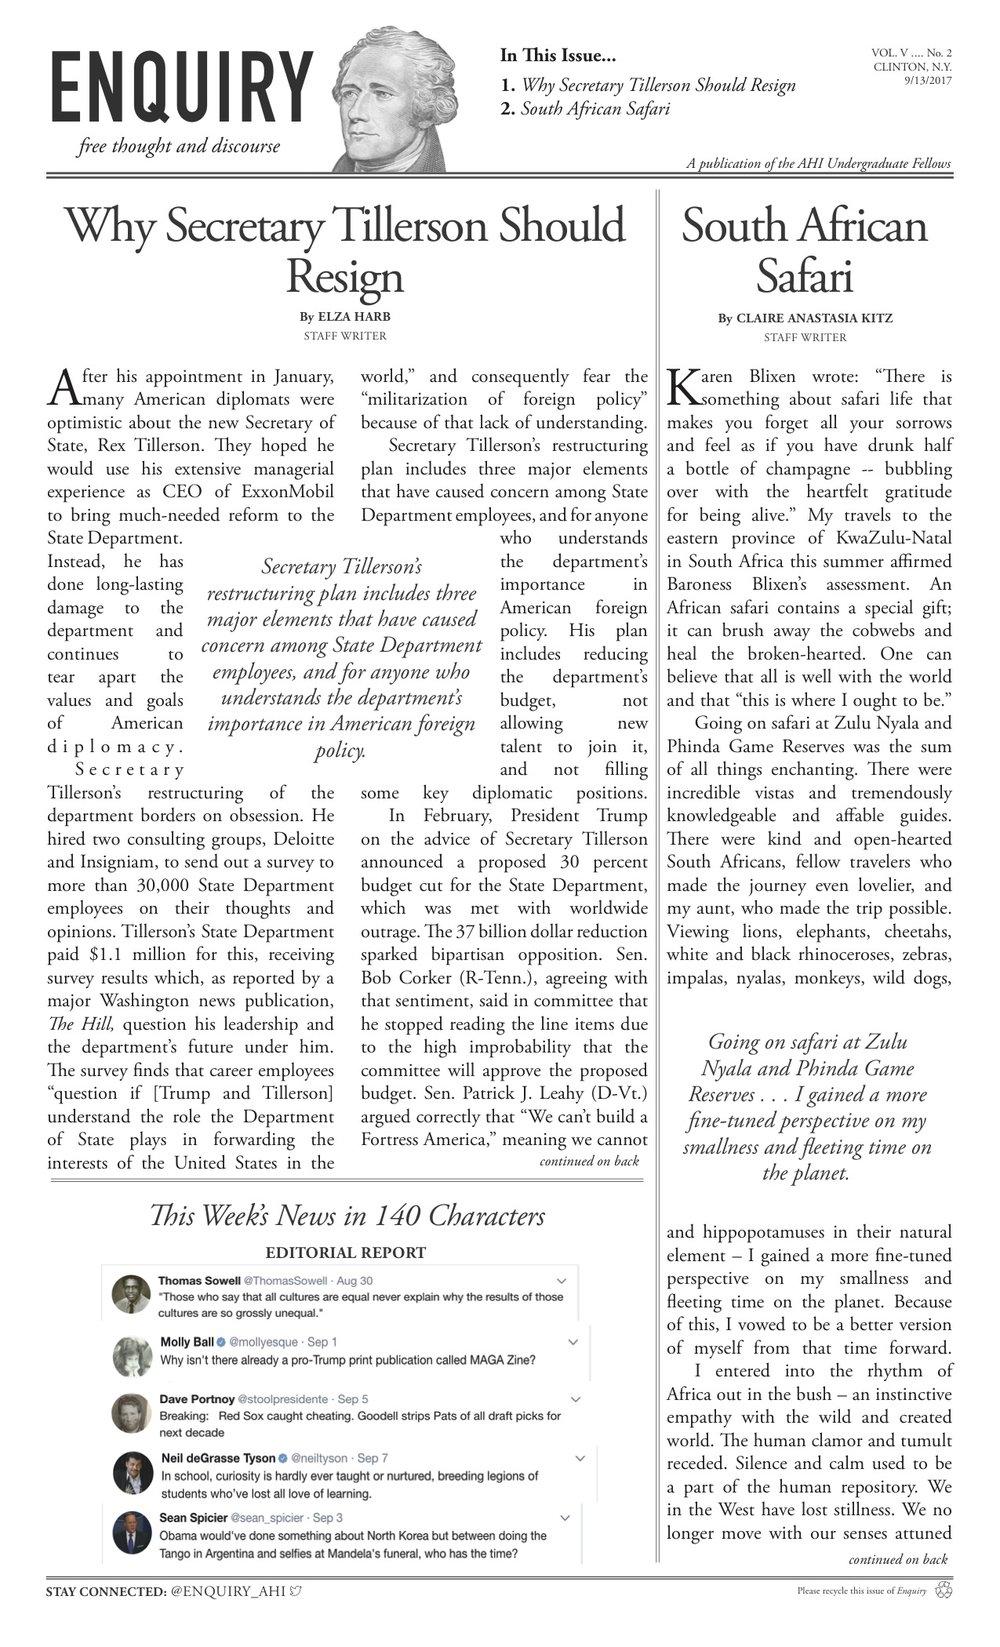 Volume V Issue 2